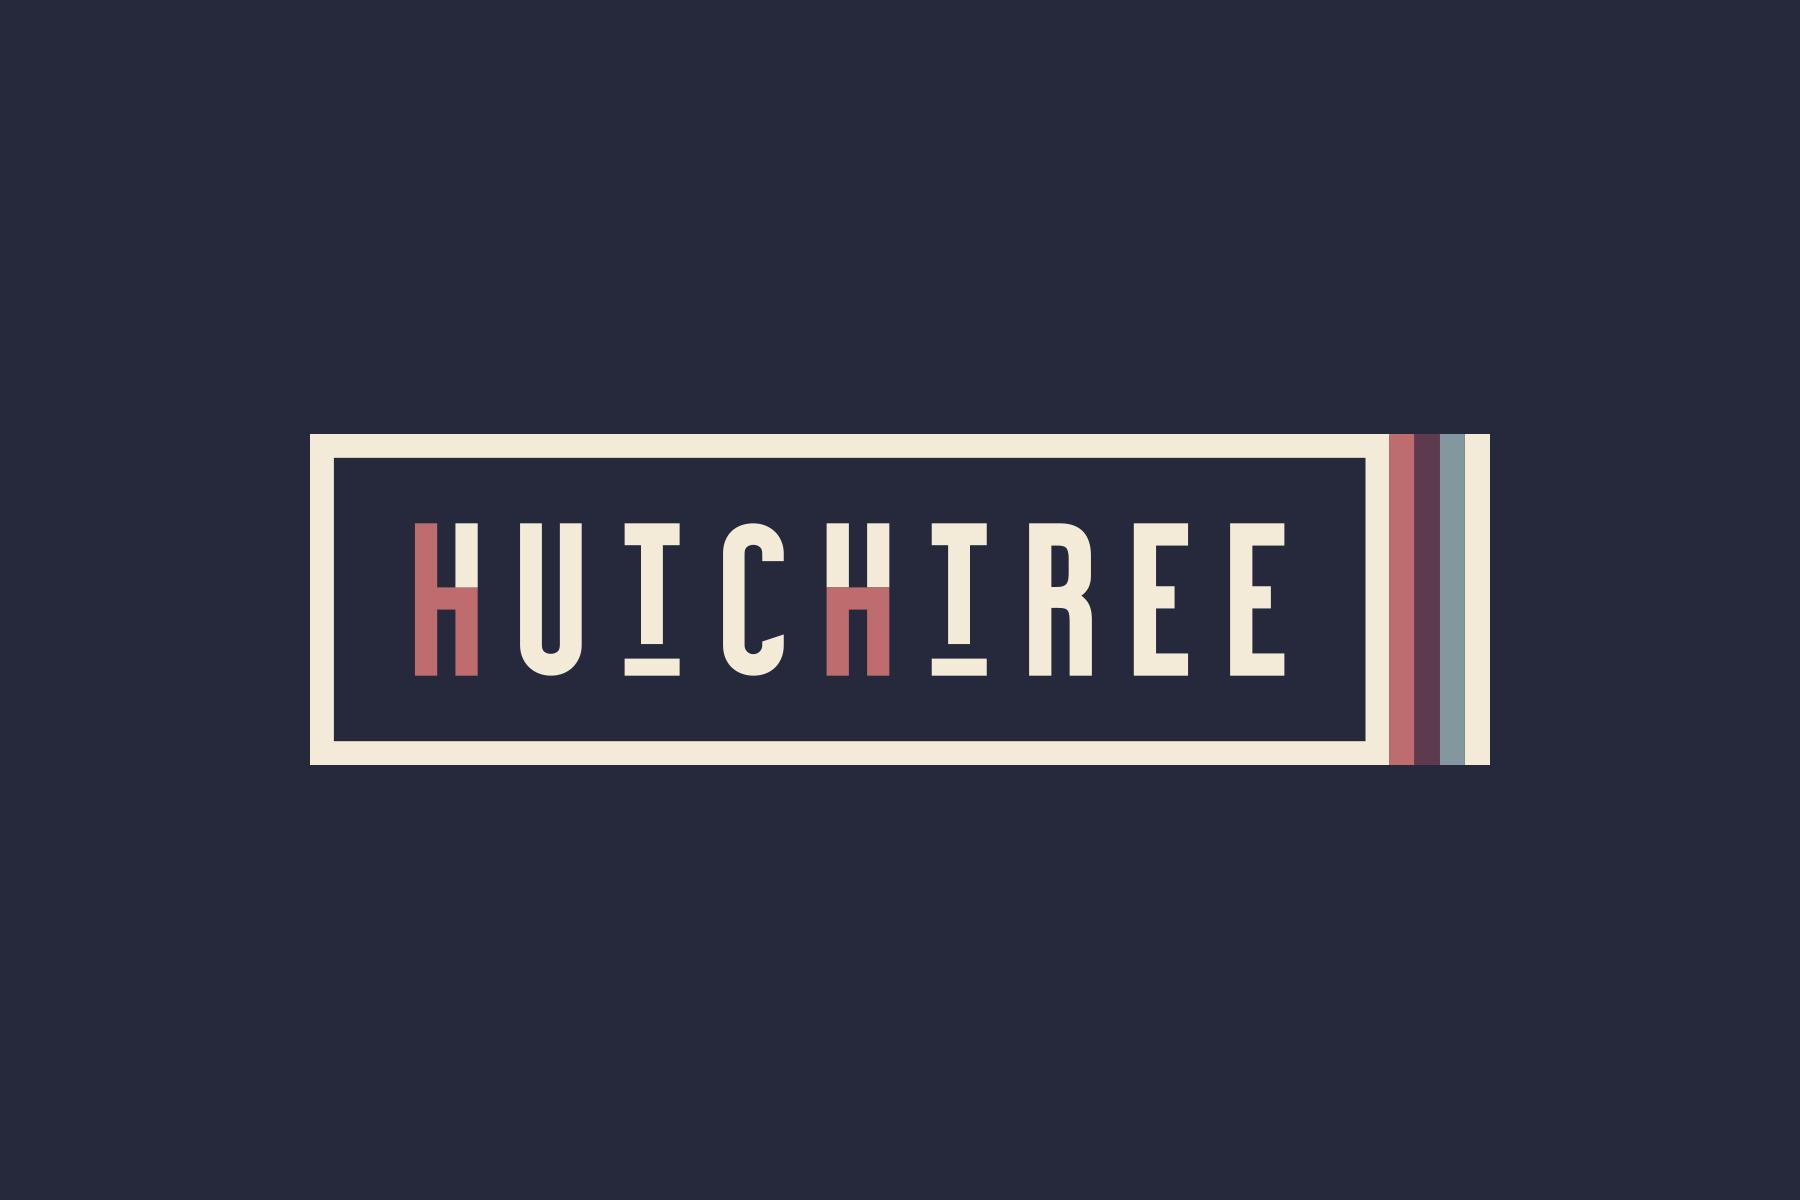 hutchtree logo navy